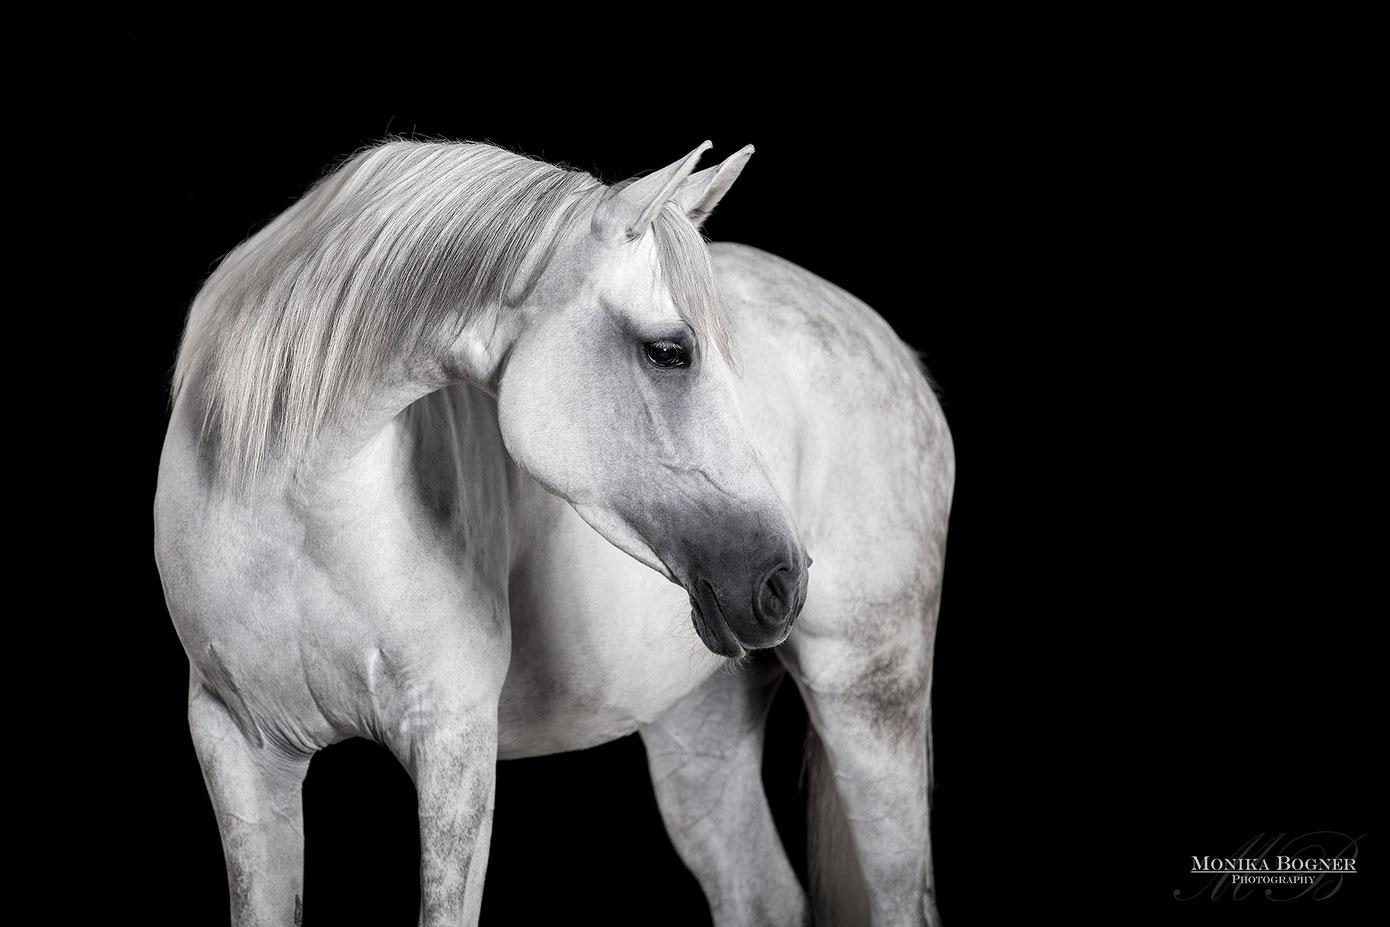 Pferde im Studio, Pferde vor schwarzem Hintergrund, Pferdefotografie, Schimmel, Araber